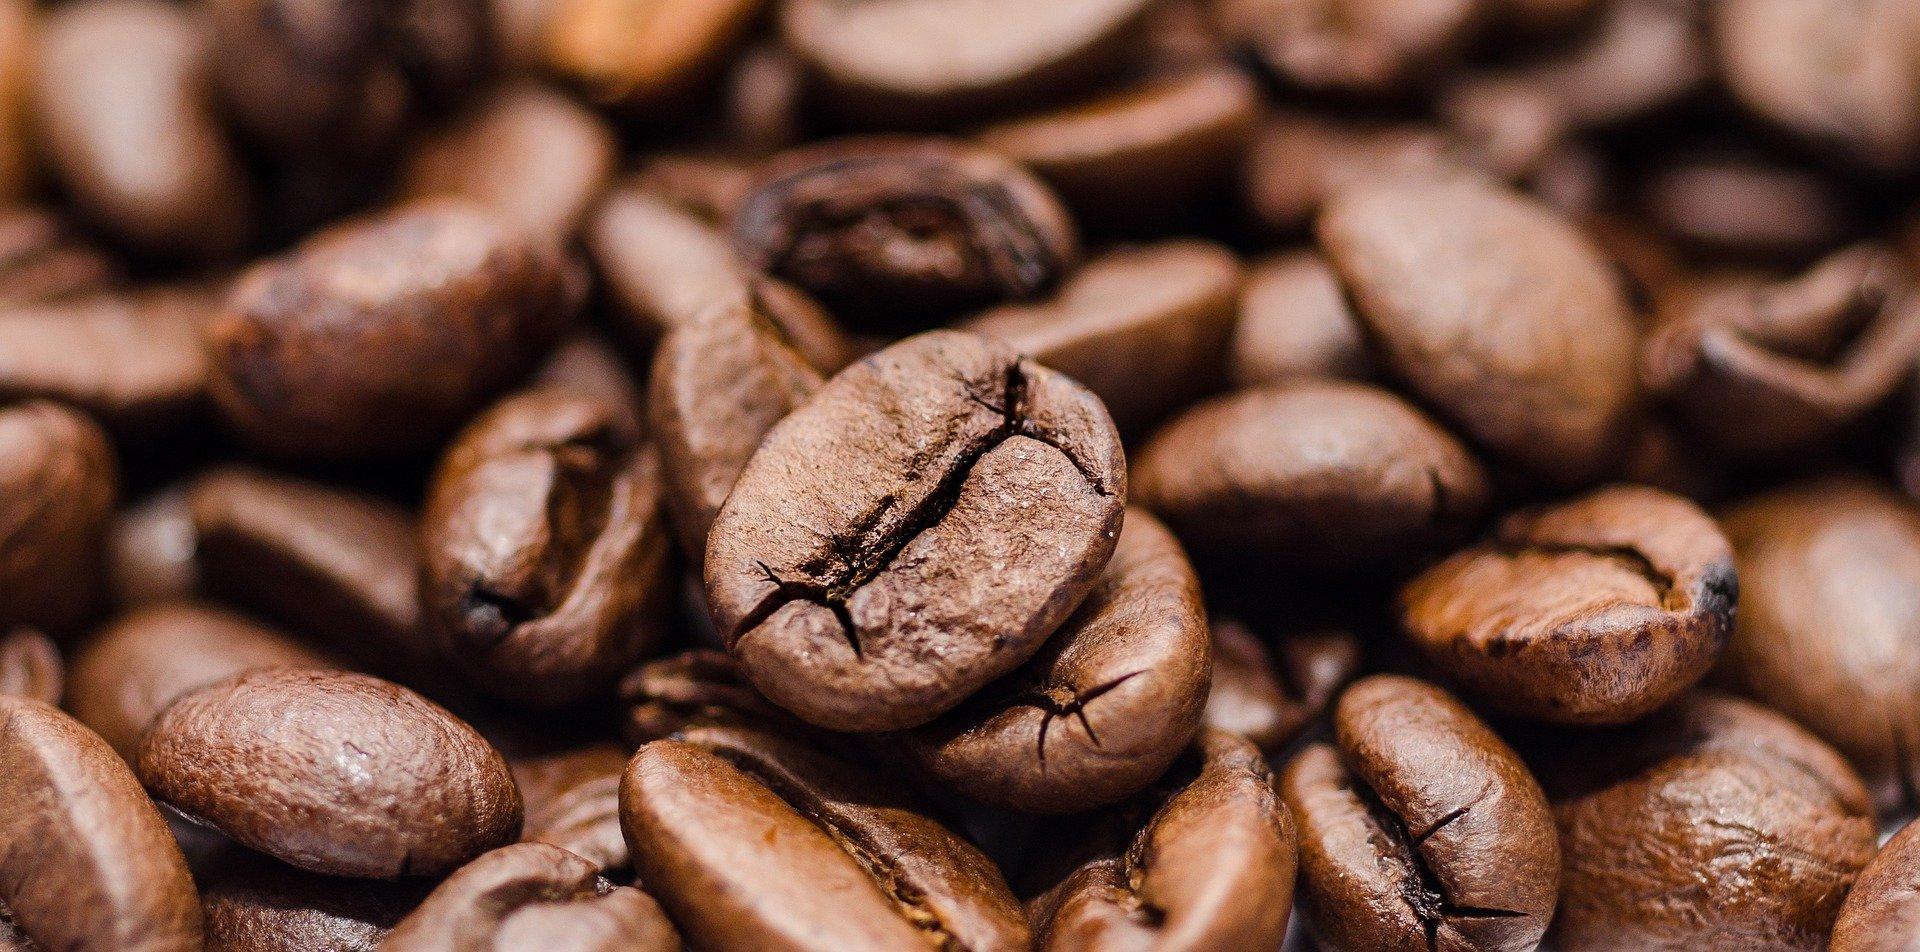 kaffebrenner